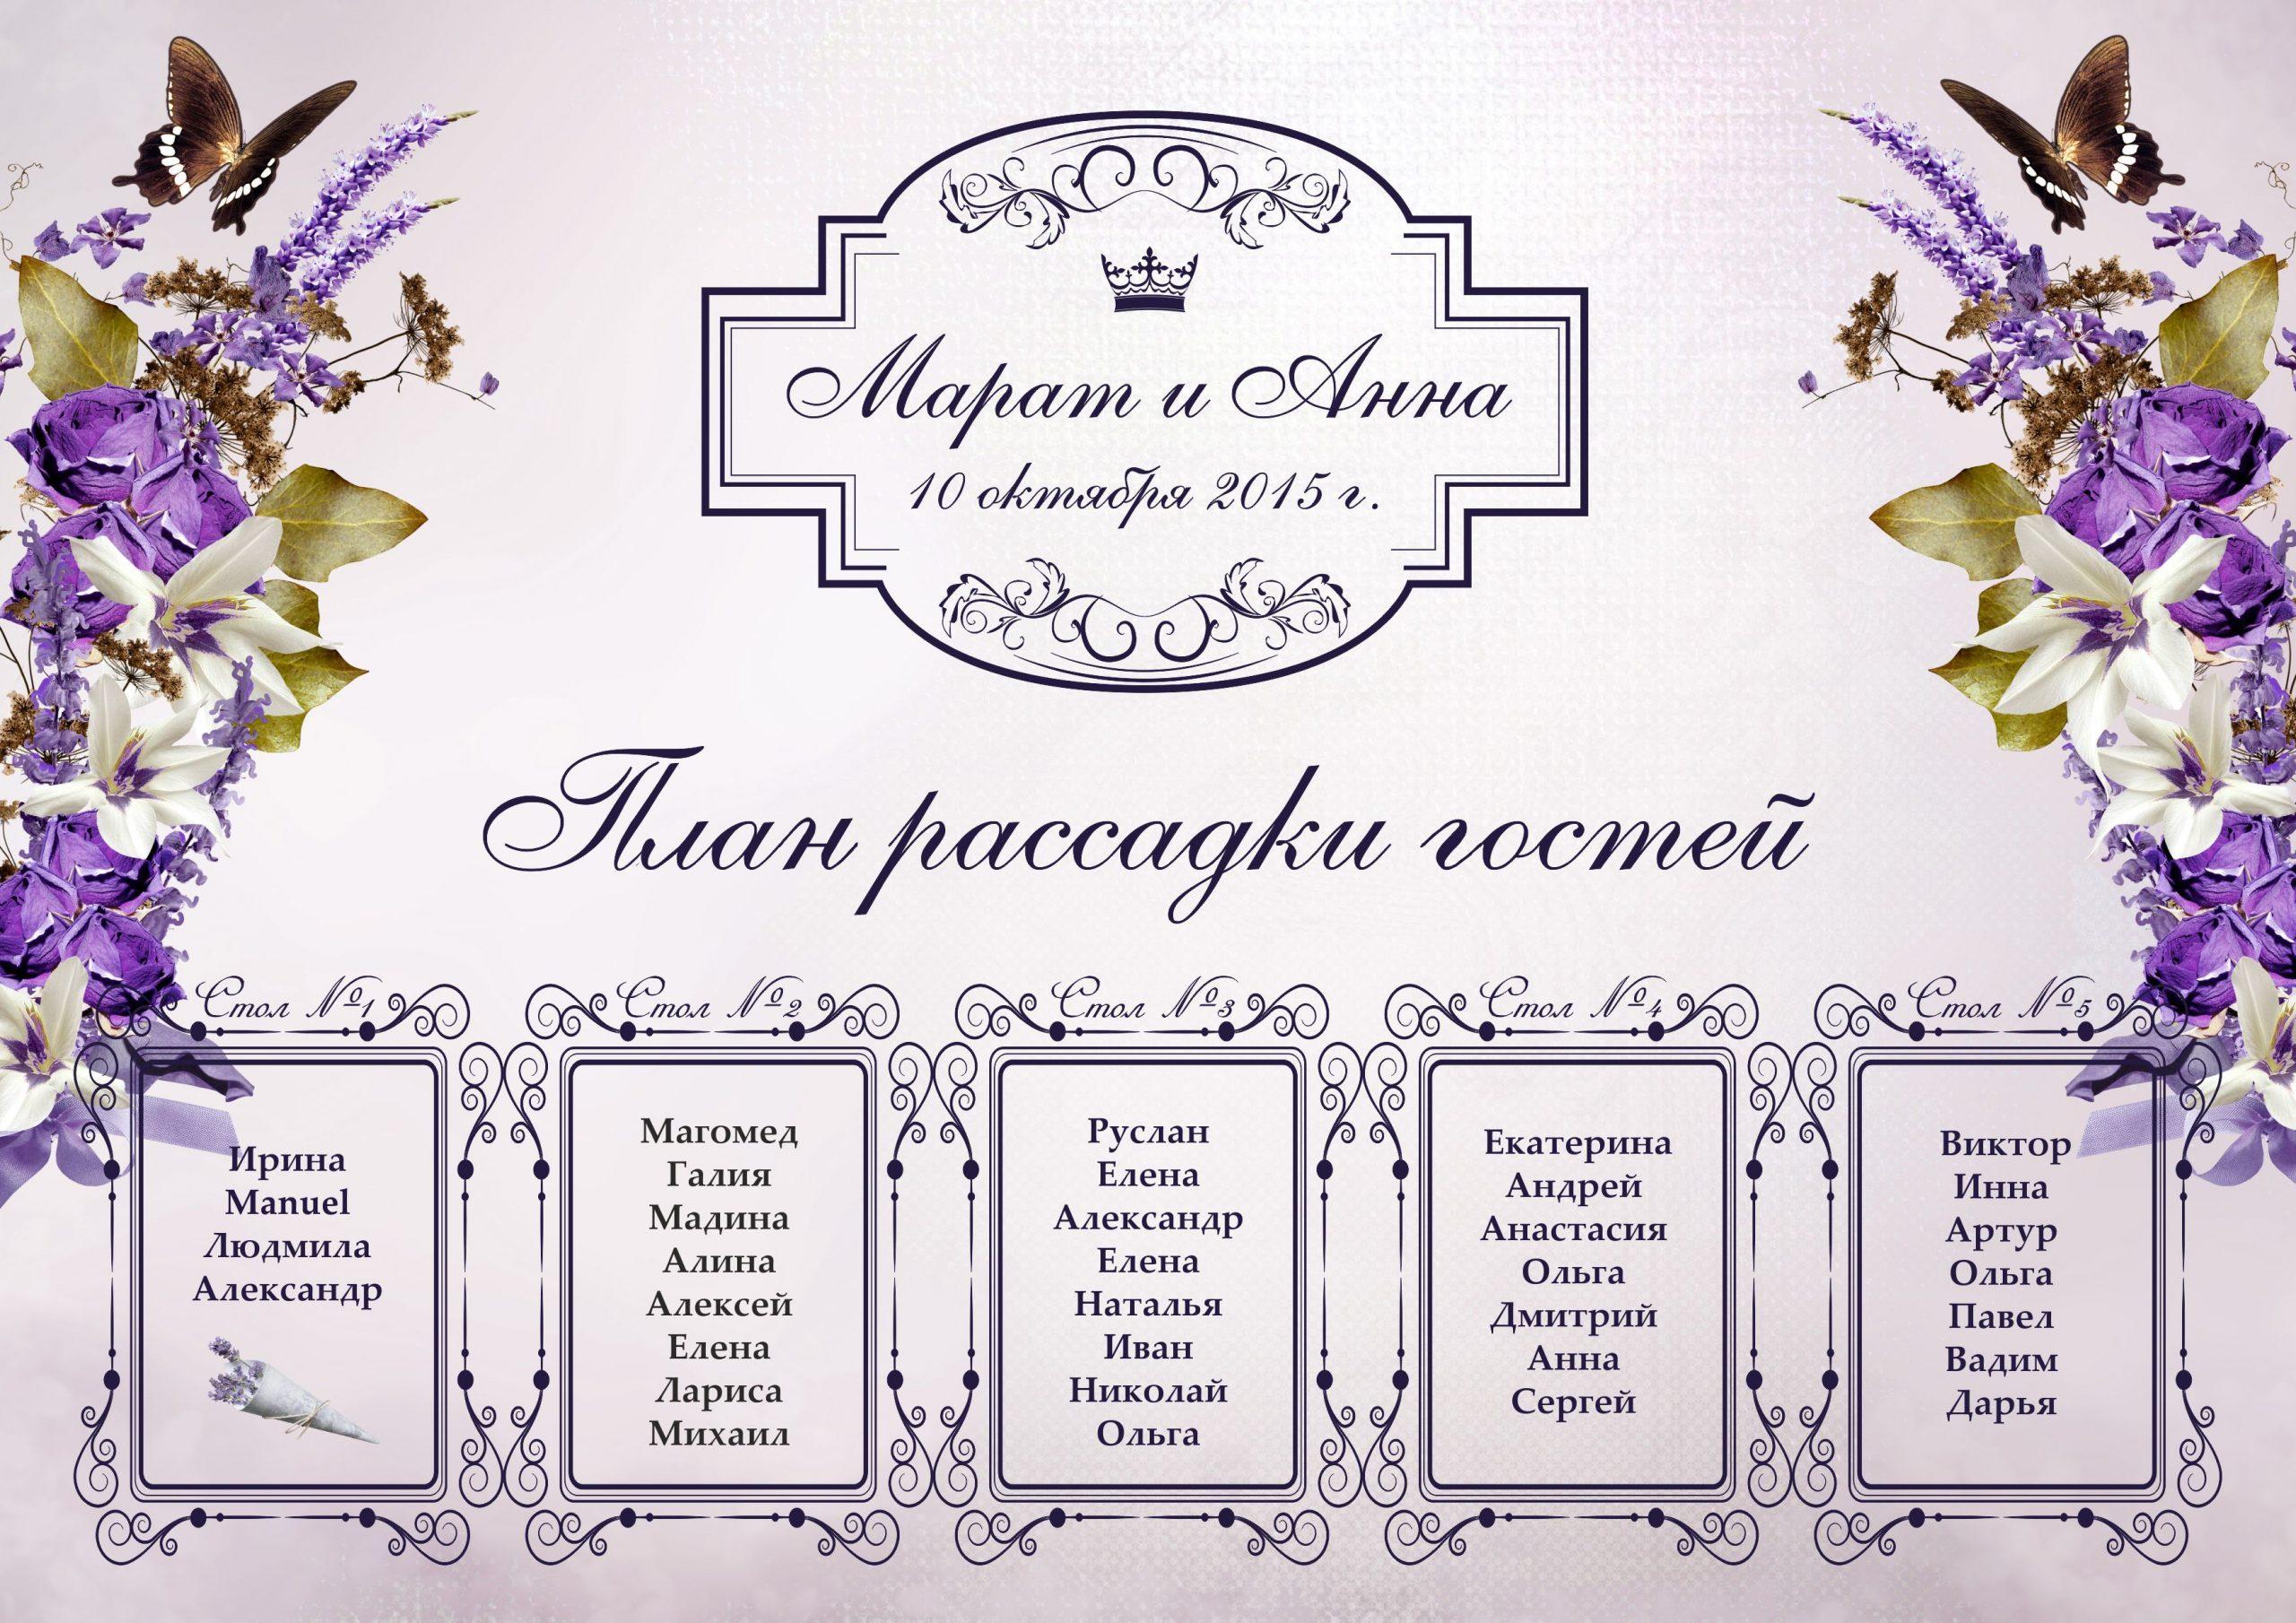 Печать плана рассадки гостей для свадьбы в Москве   фото 4